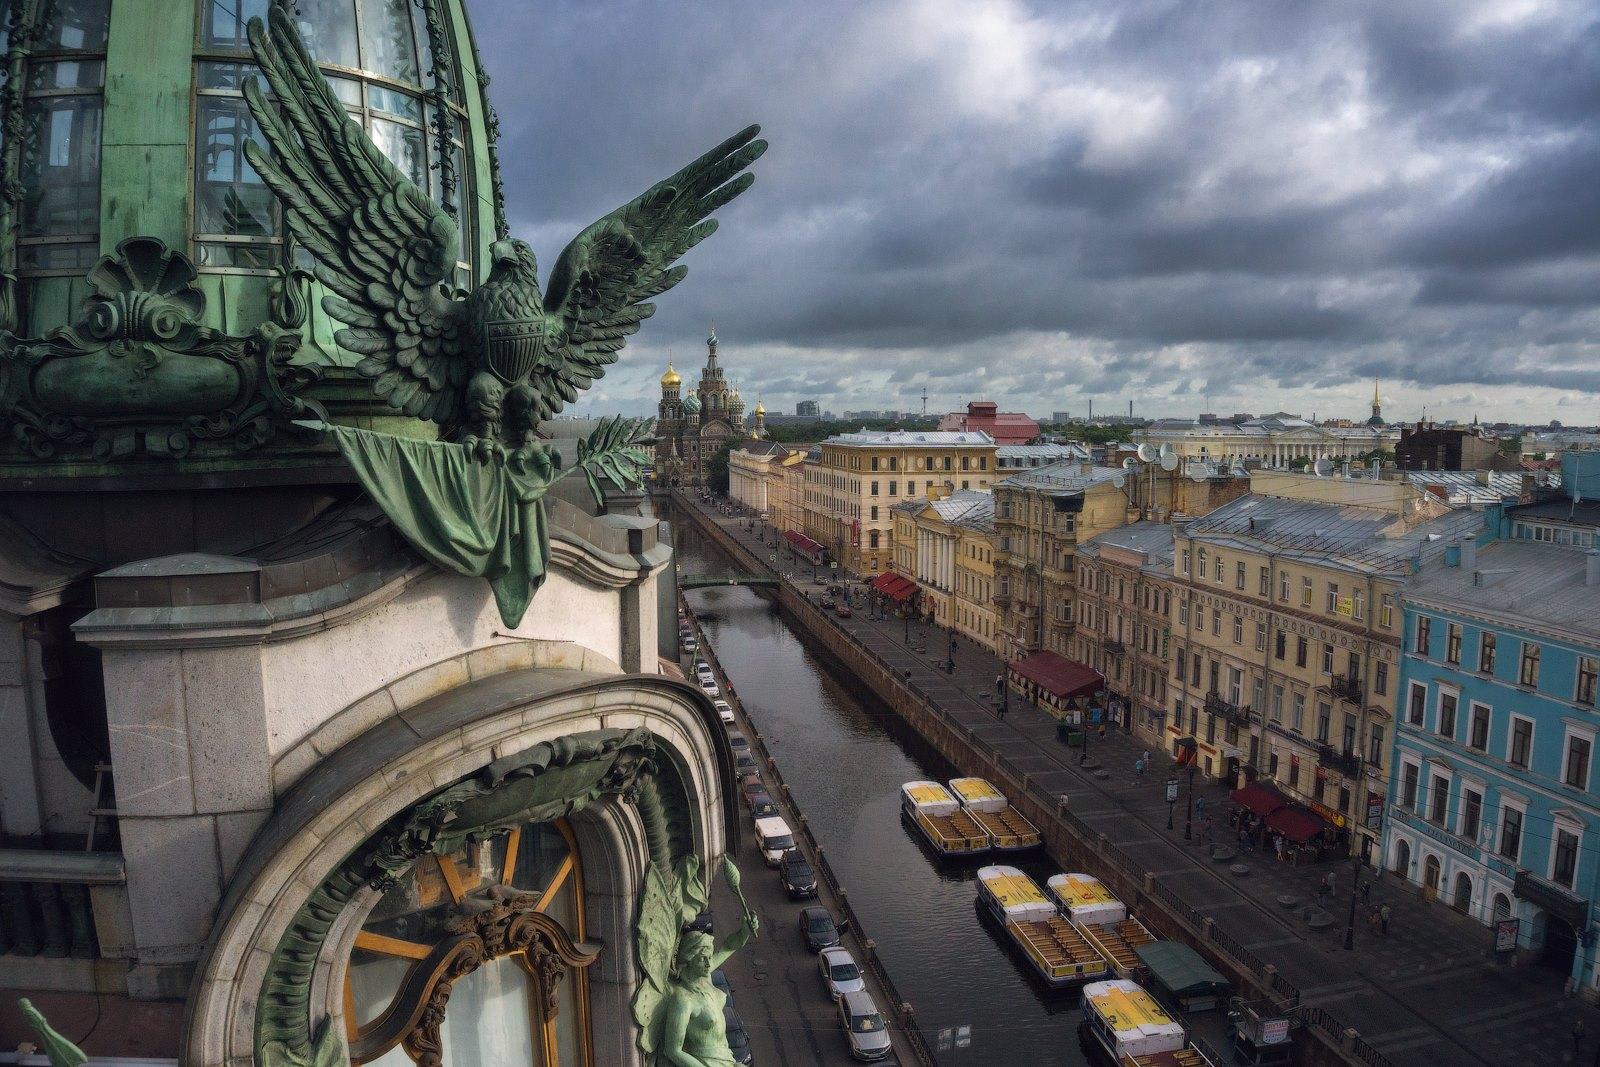 его маленькую самые фотогеничные места санкт петербурга настоящее время